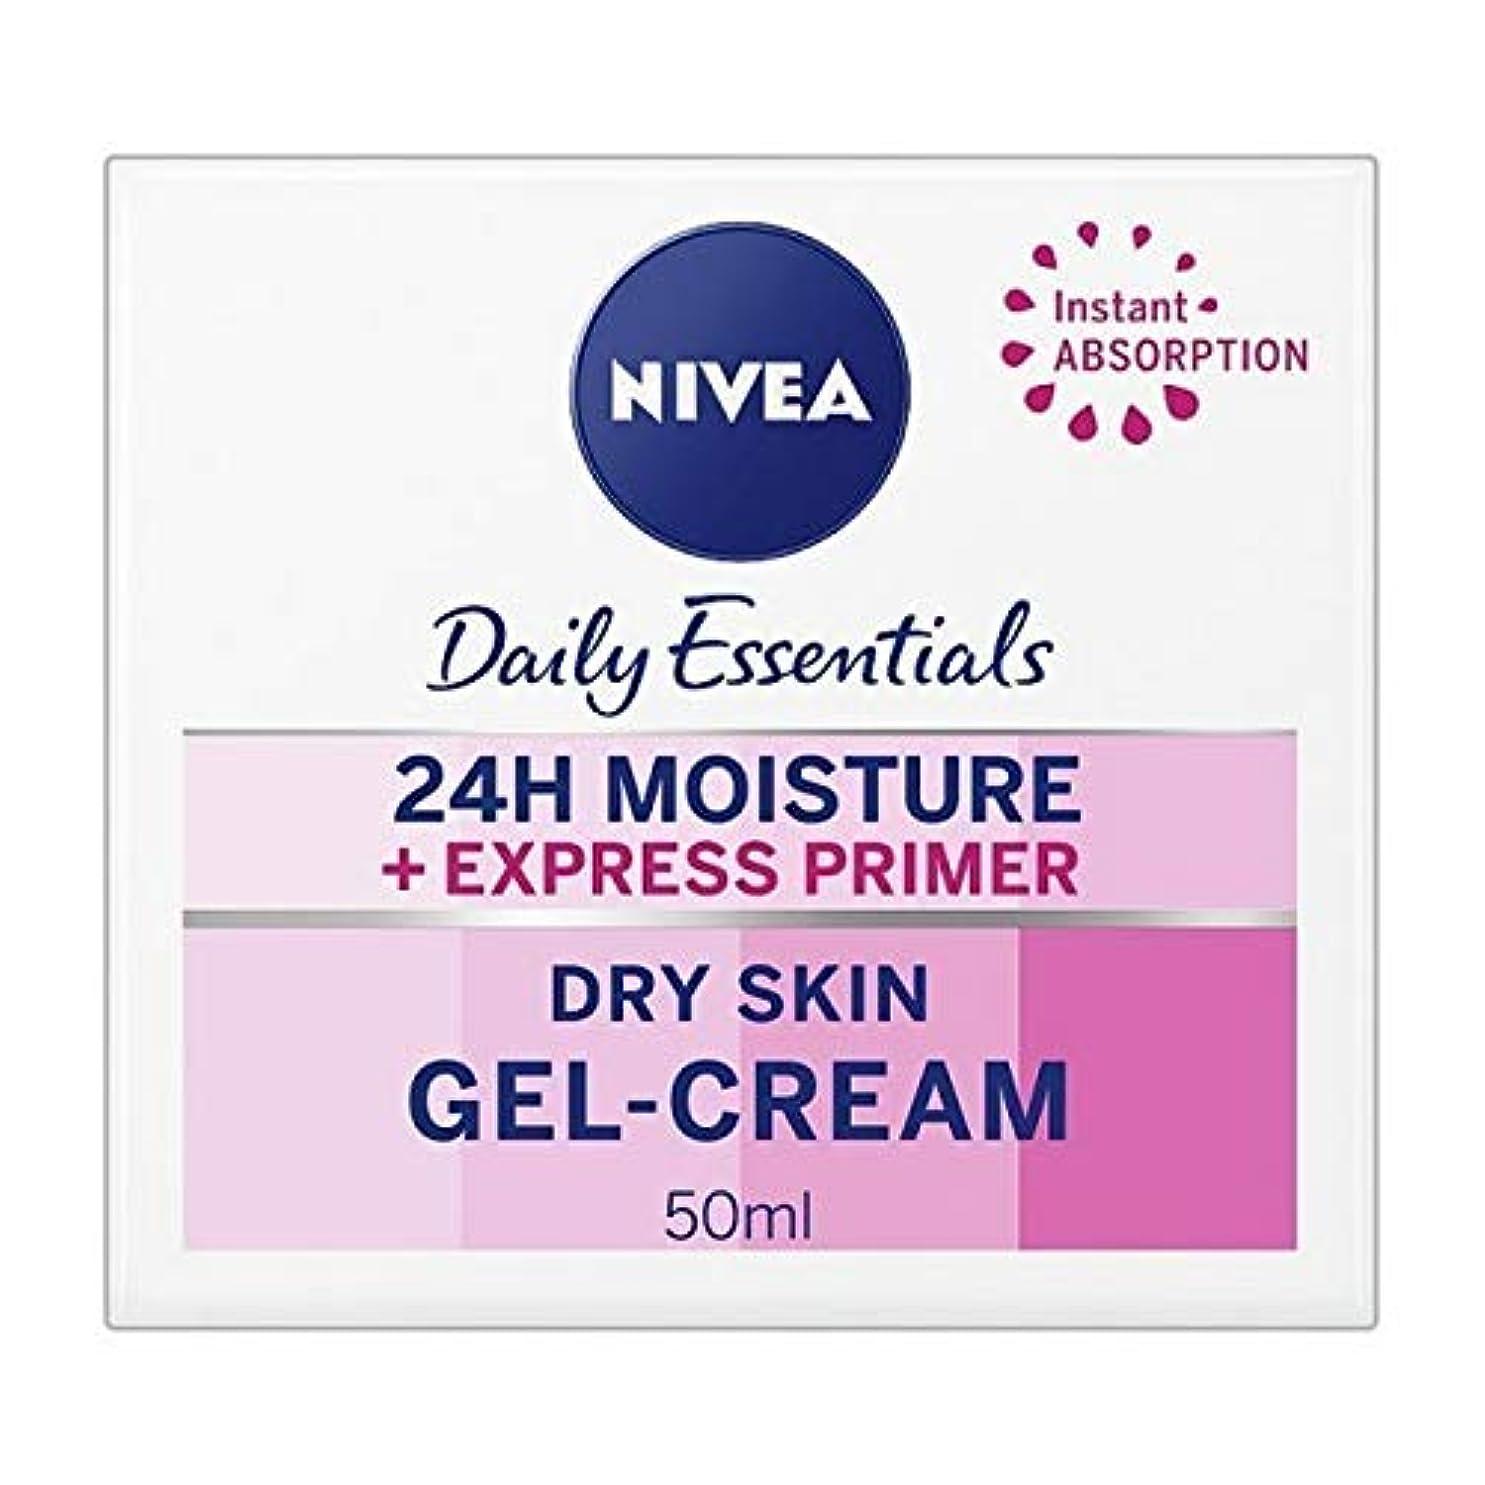 費やす起点どこか[Nivea ] ニベアエクスプレスプライマーゲルクリーム、50ミリリットル - NIVEA Express Primer Gel-Cream, 50ml [並行輸入品]